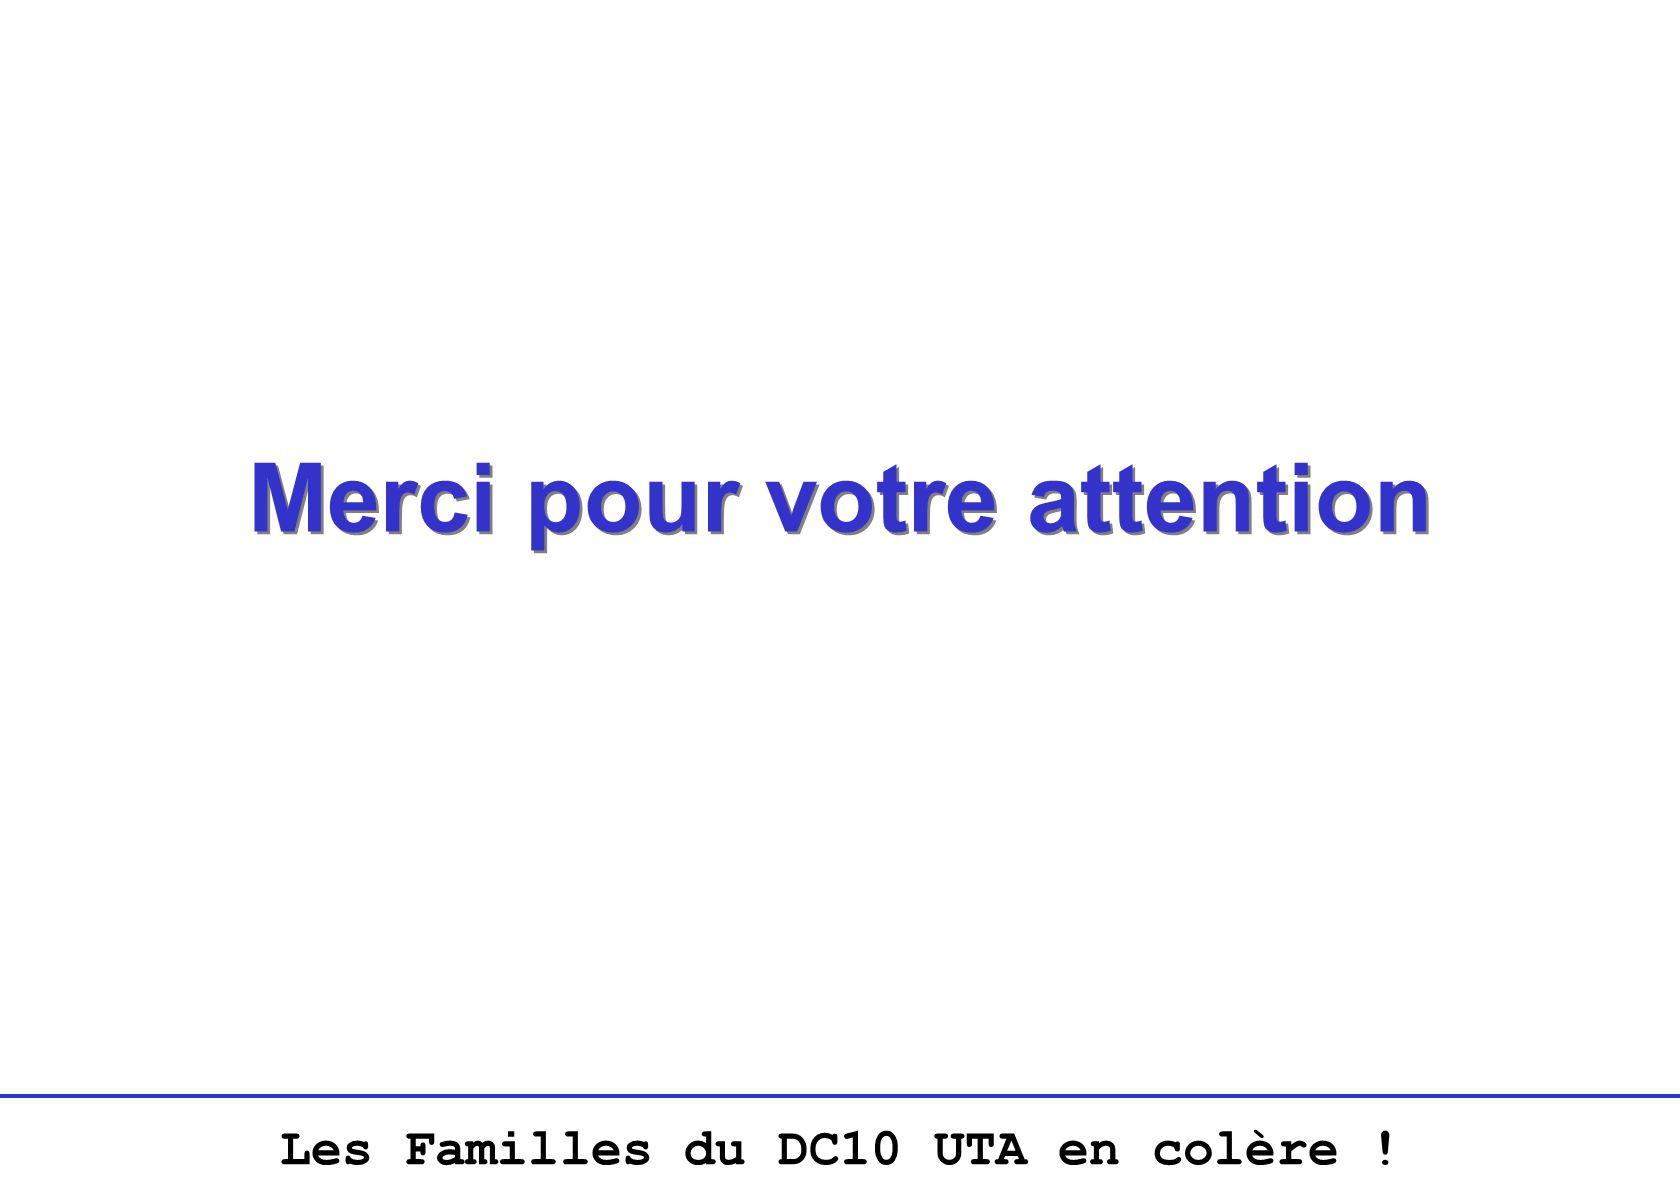 Les Familles du DC10 UTA en colère ! Merci pour votre attention